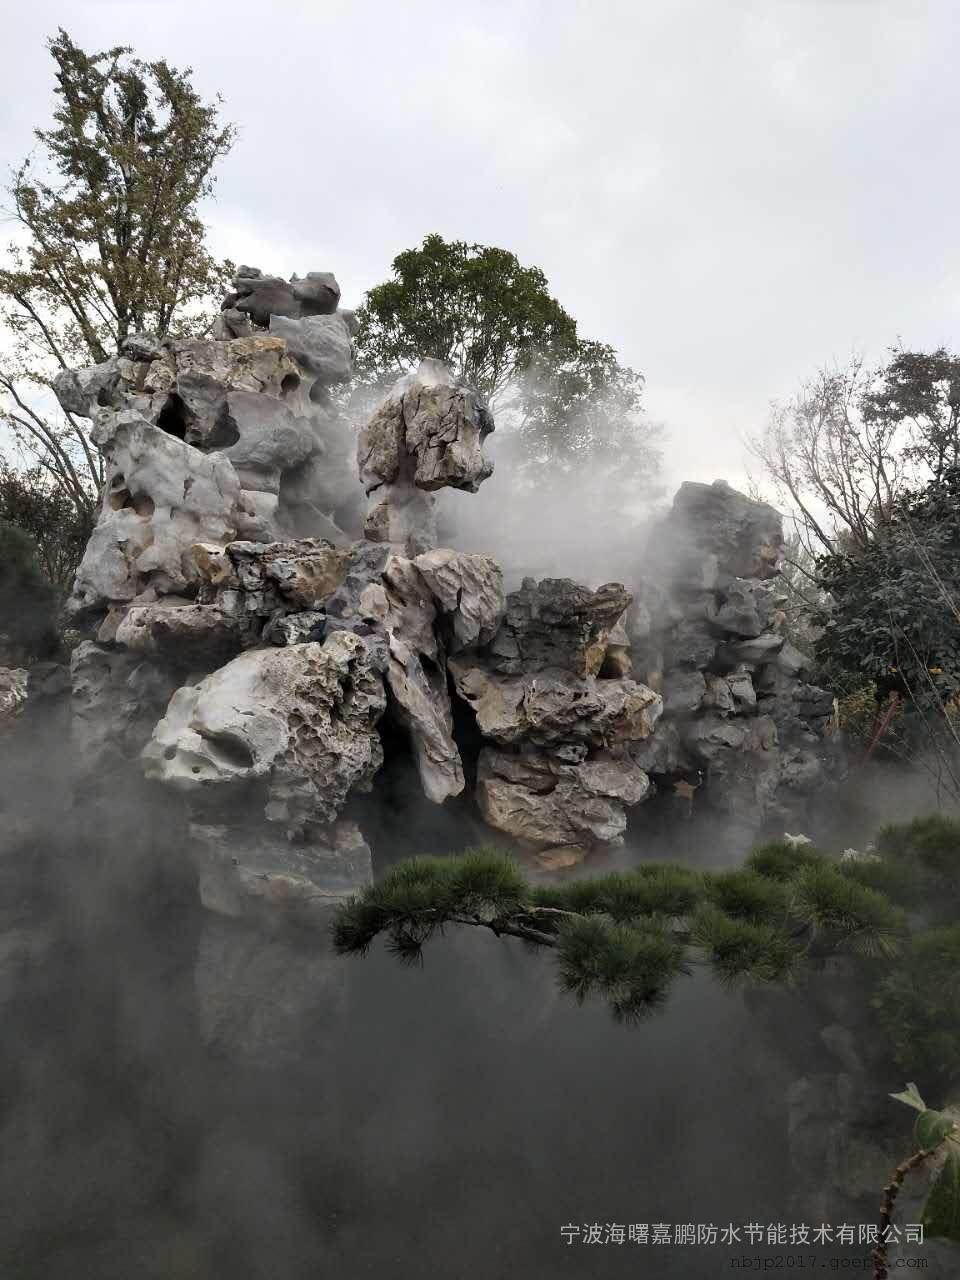 上海喷雾降温设备-户外喷雾降温系统-温室景区喷雾降温工程